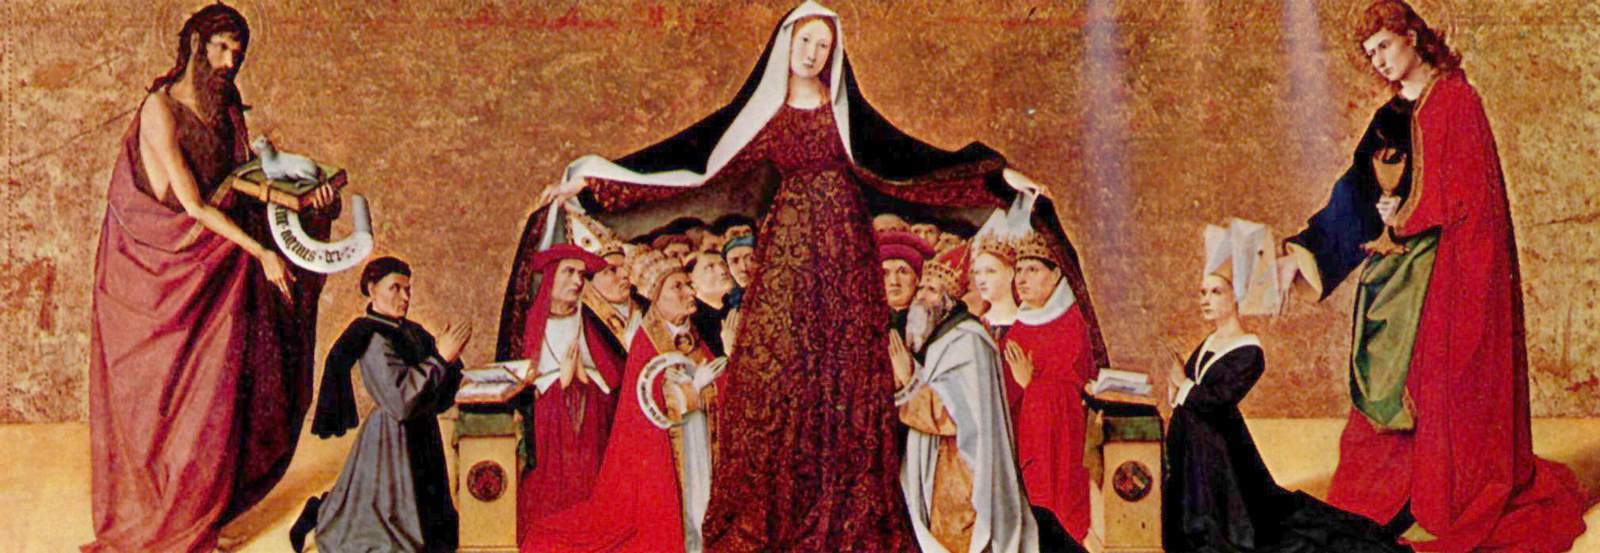 Virgen de la Misericordia. Retablo Cadard (hacia el 1444) de Enguerrand Quarton